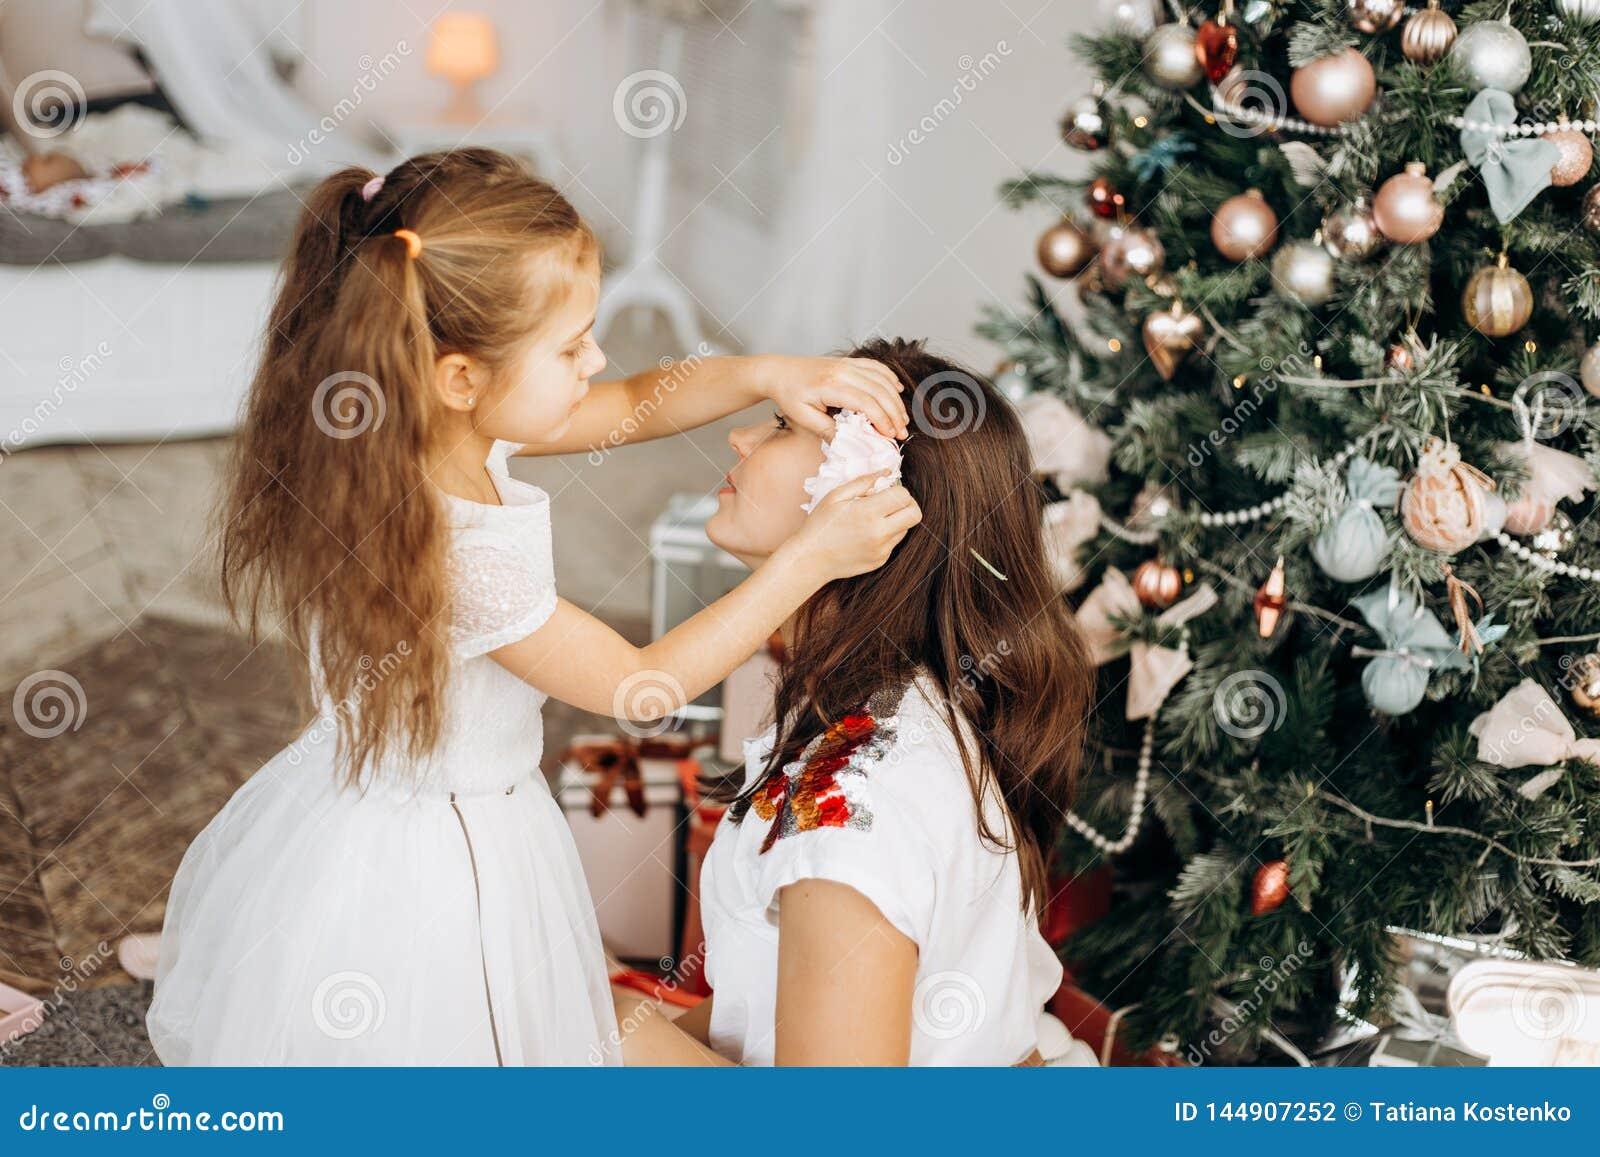 Очаровывая маленькая дочь в славном платье положила цветок в волосы м